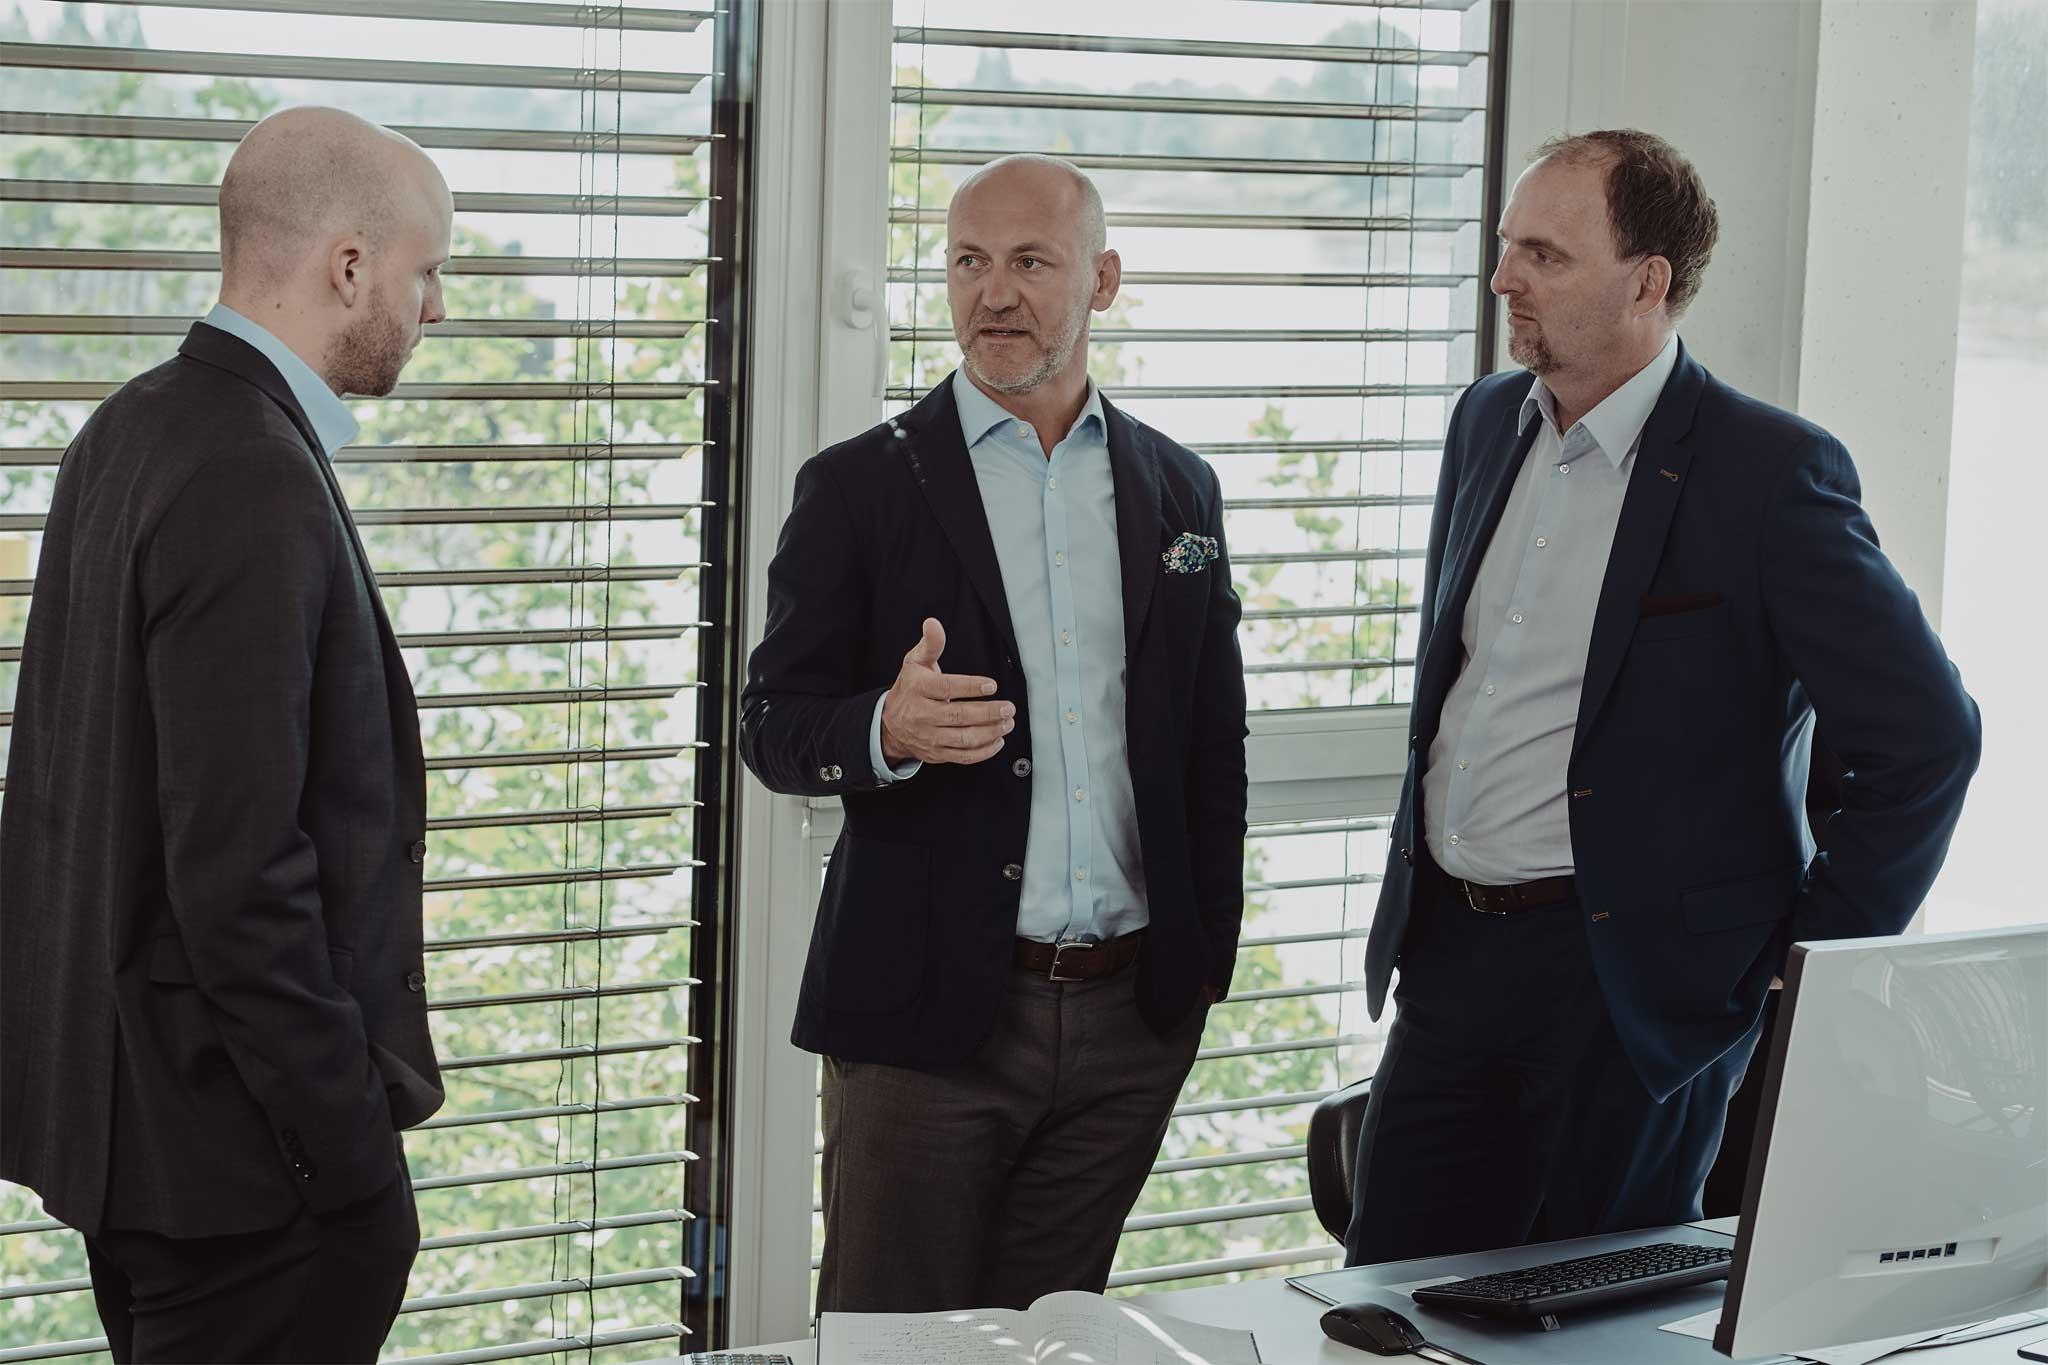 Leistungen - Dillinger Witte & Partner ...